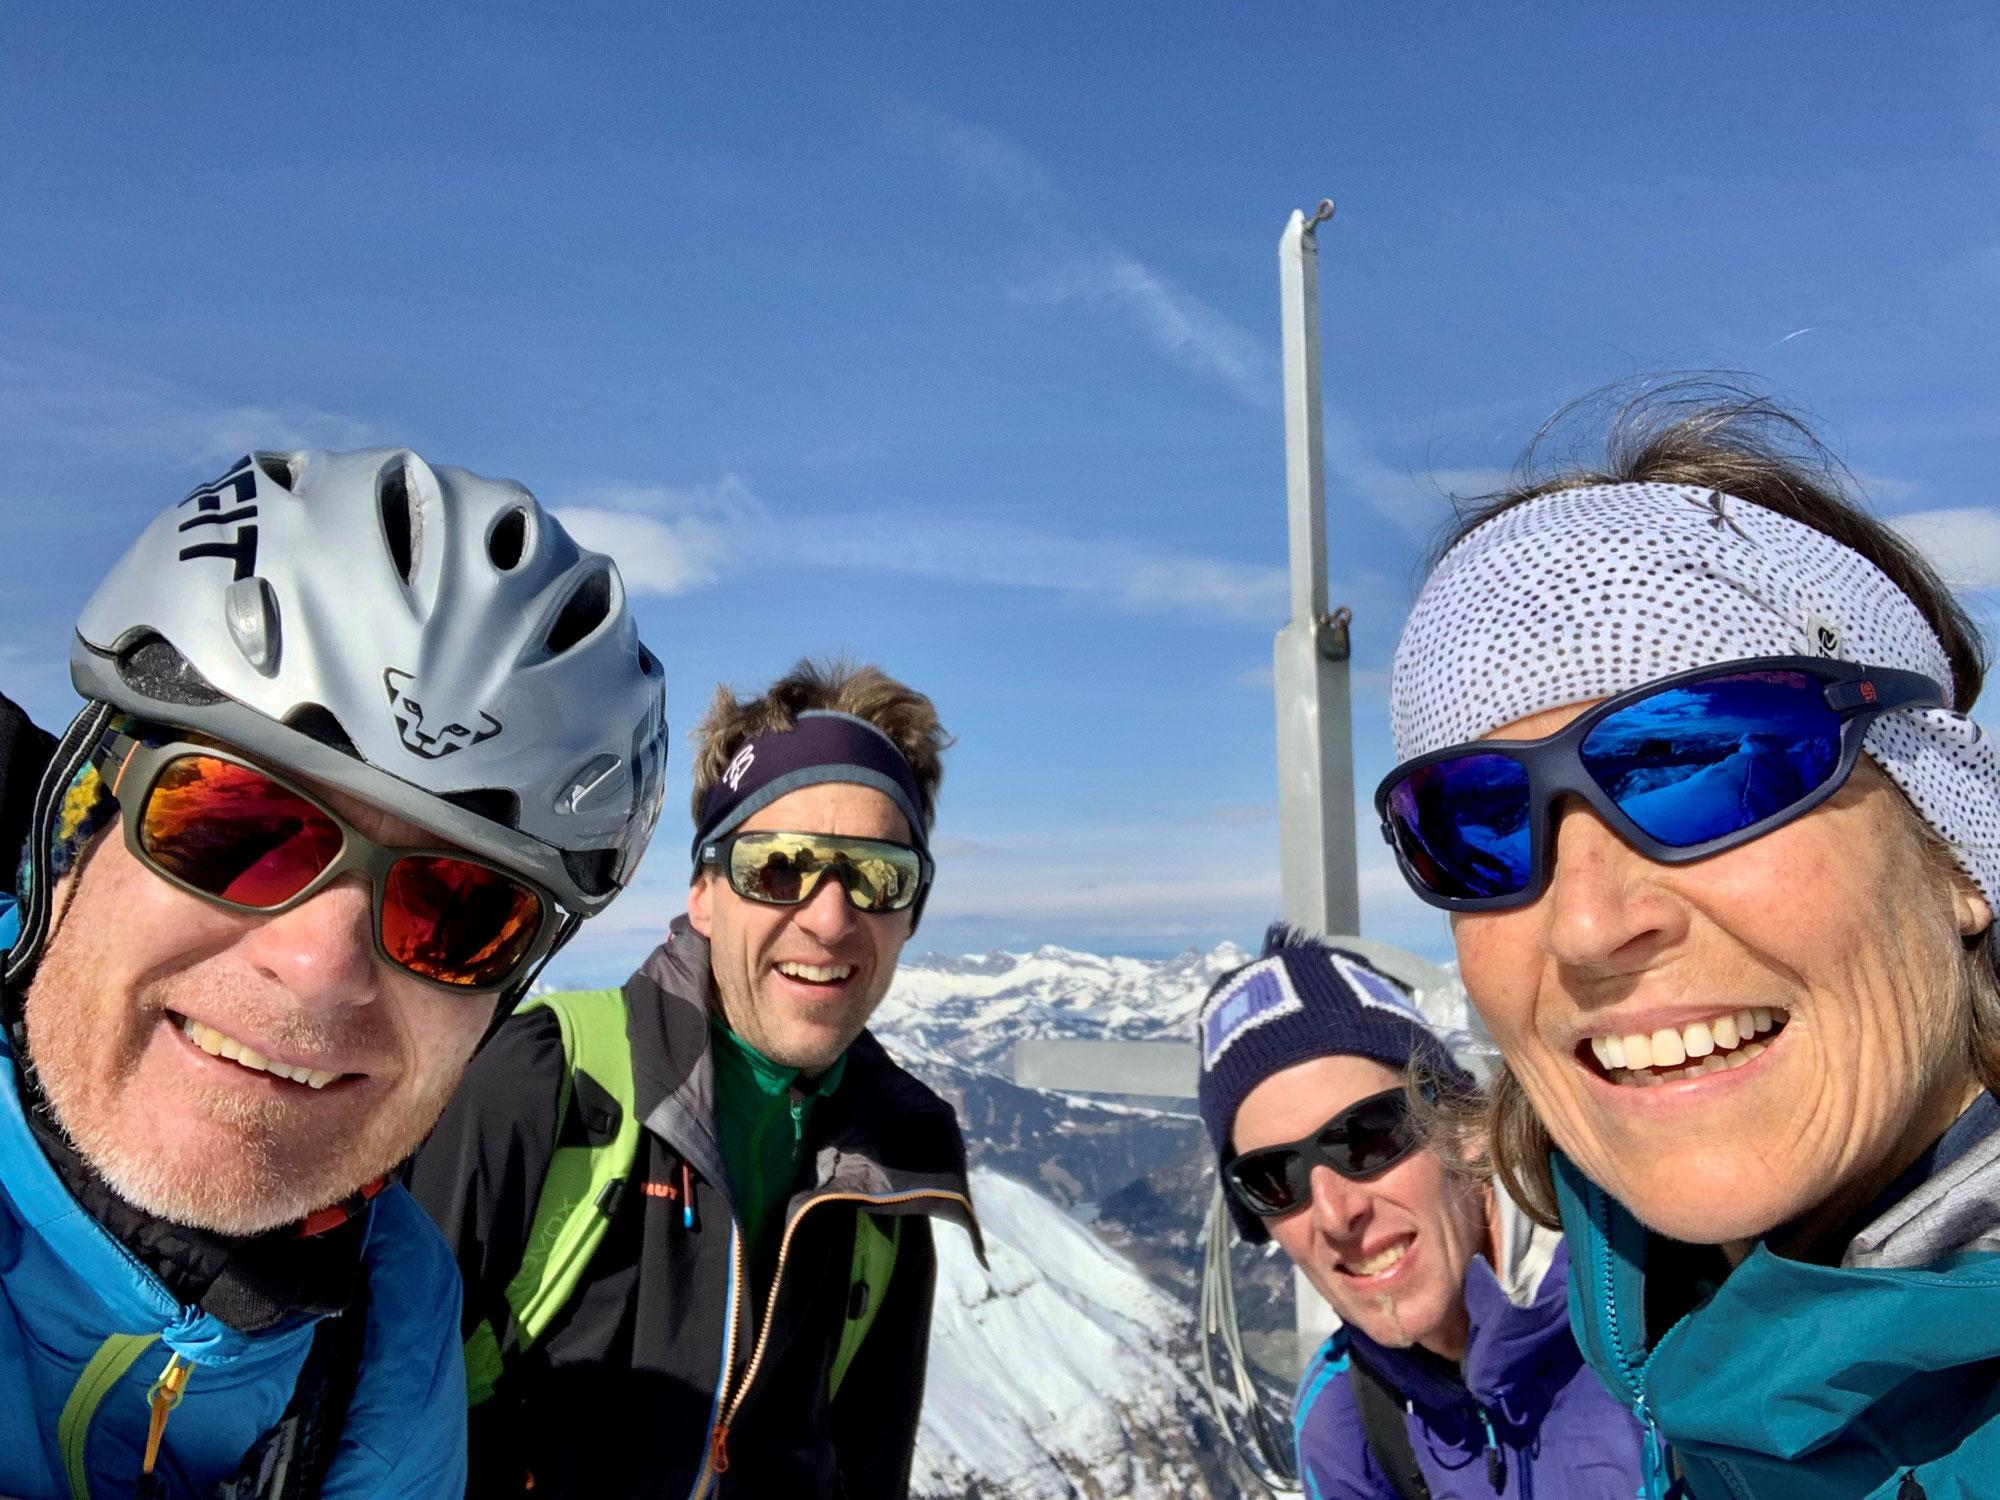 So 11.04.21 - Ski- und Snowboardtour Gsür